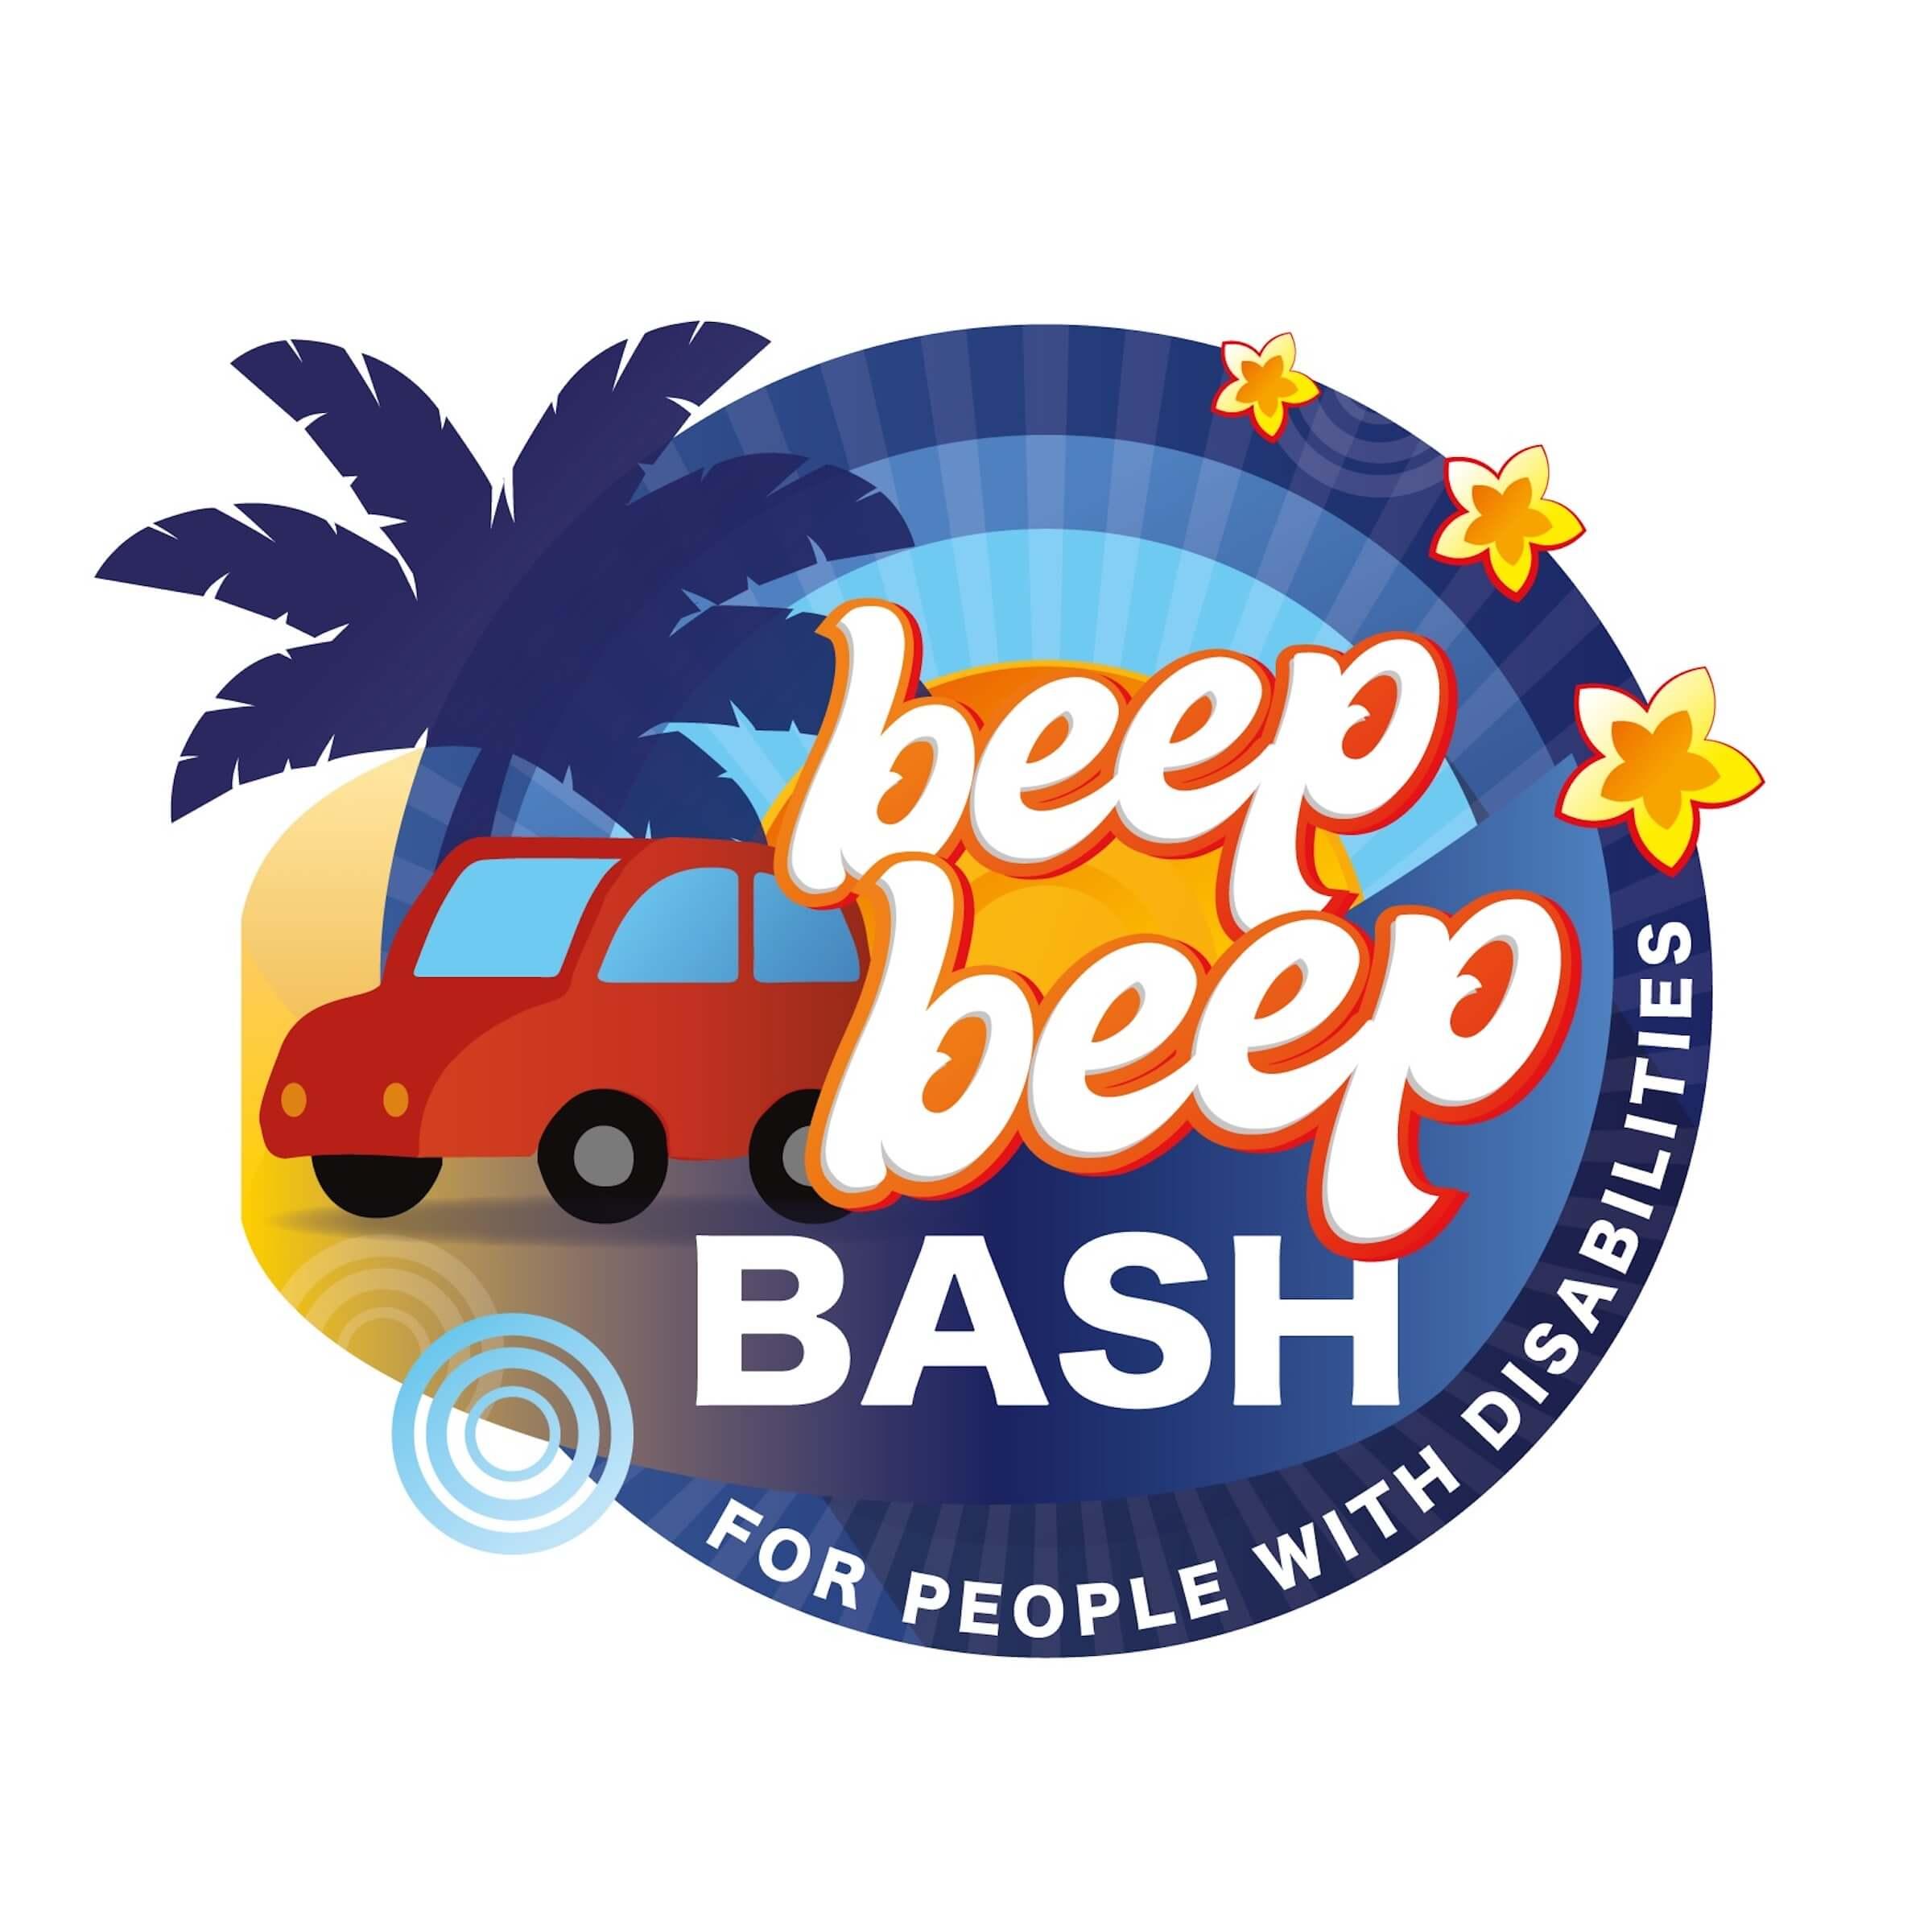 Beep Beep Bash 2021